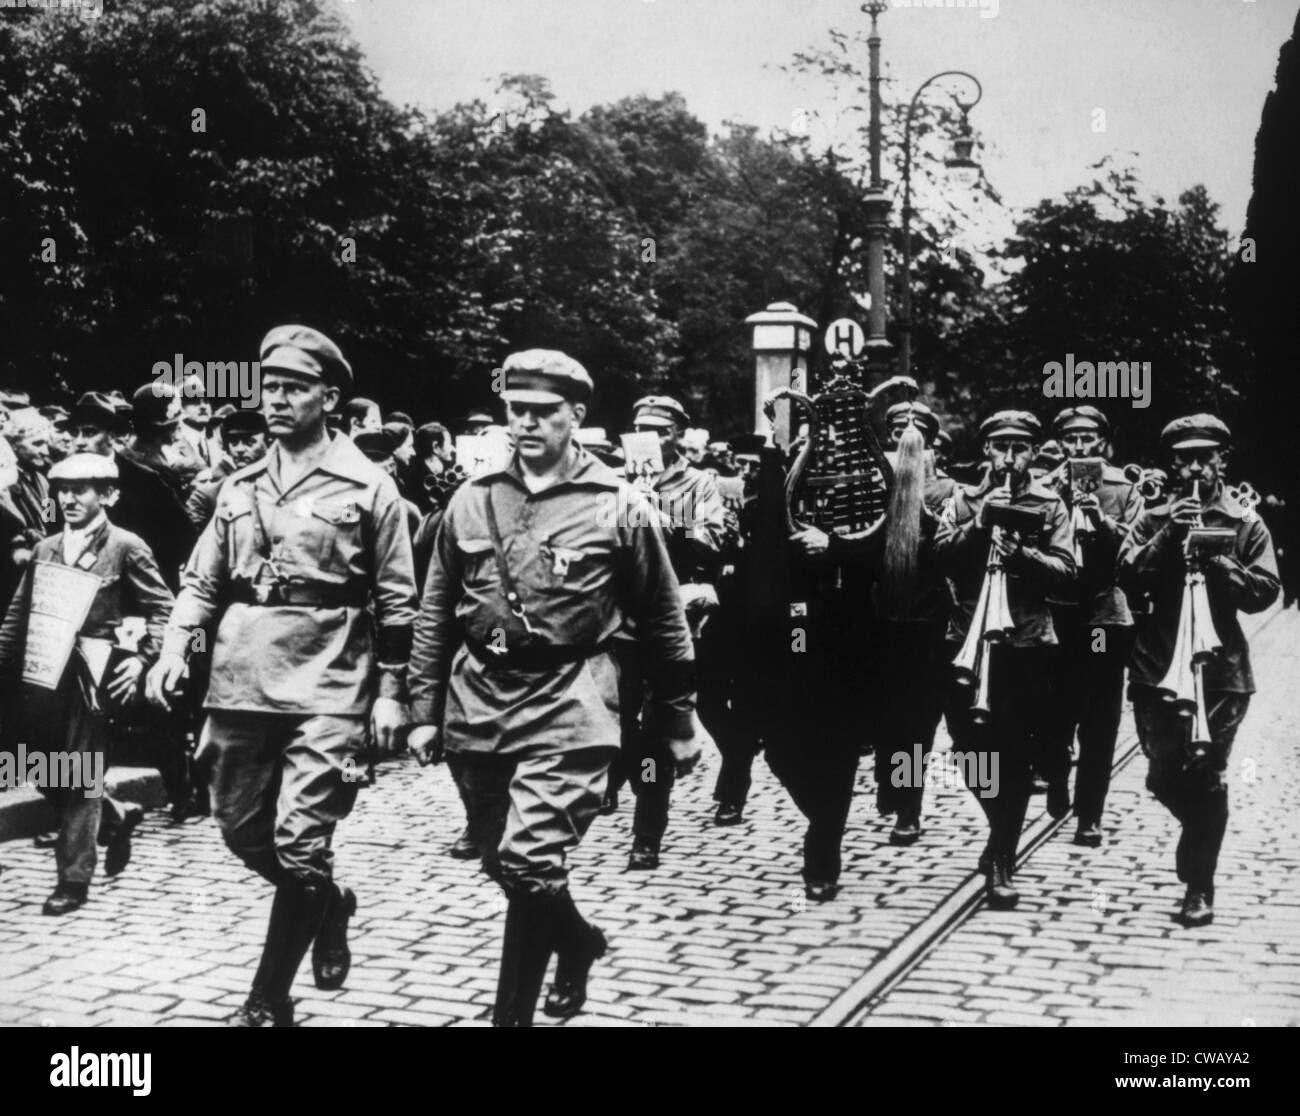 Image result for eft street fights 1932 germany